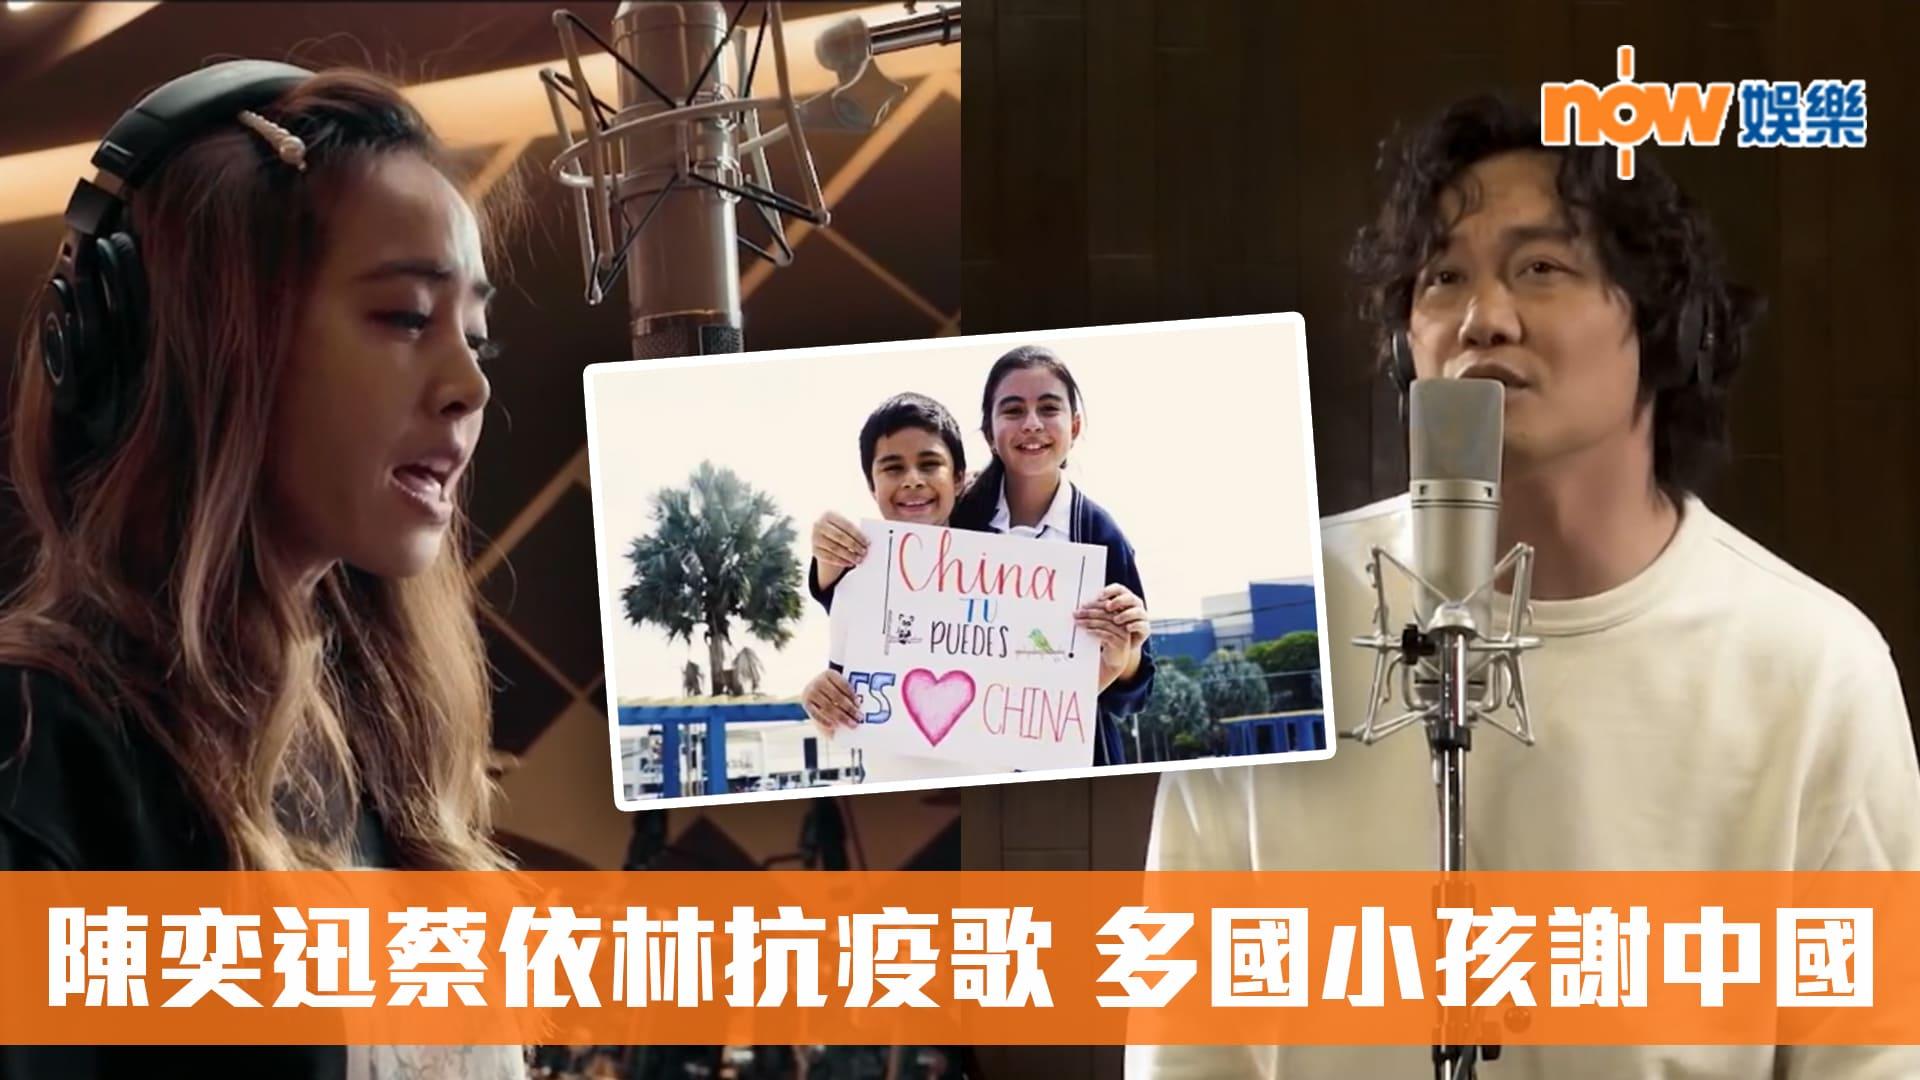 中國外宣?陳奕迅蔡依林唱英文抗疫歌 MV現多國小孩感謝China